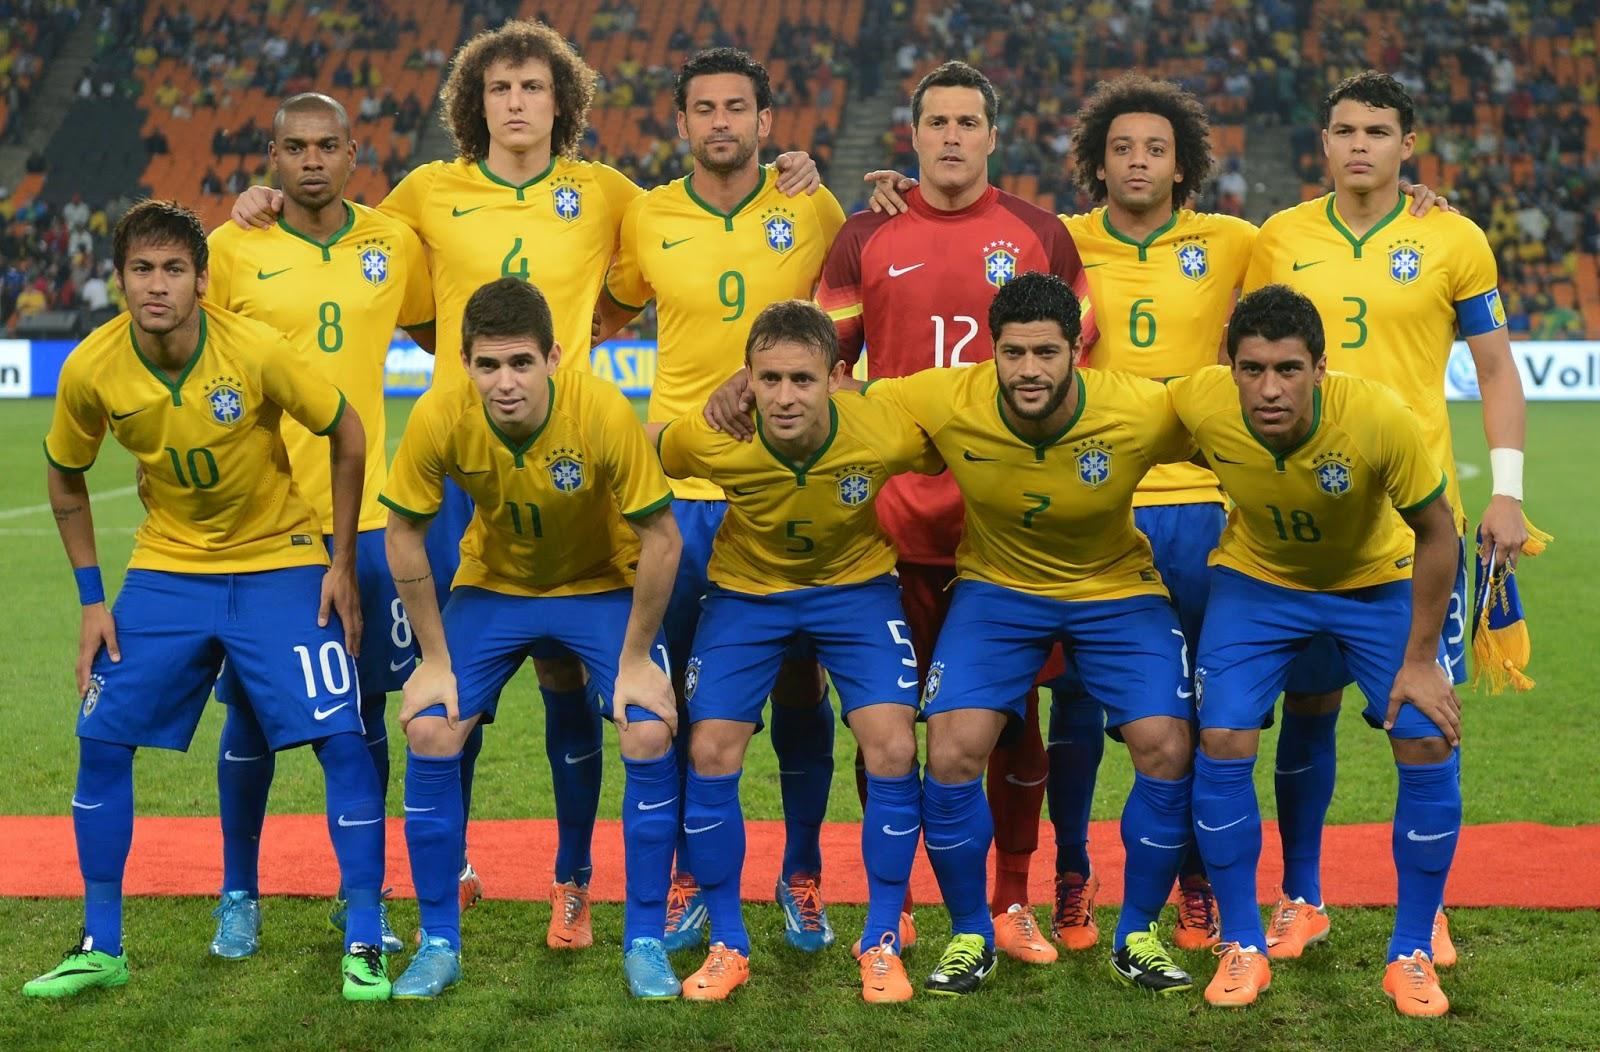 Tim Nasional Sepak Bola Brasil Mewakili Negara Brasil Dalam Kejuaraan Sepak Bola Internasional Dan Merupakan Tim Tersukses Dalam Sejarah